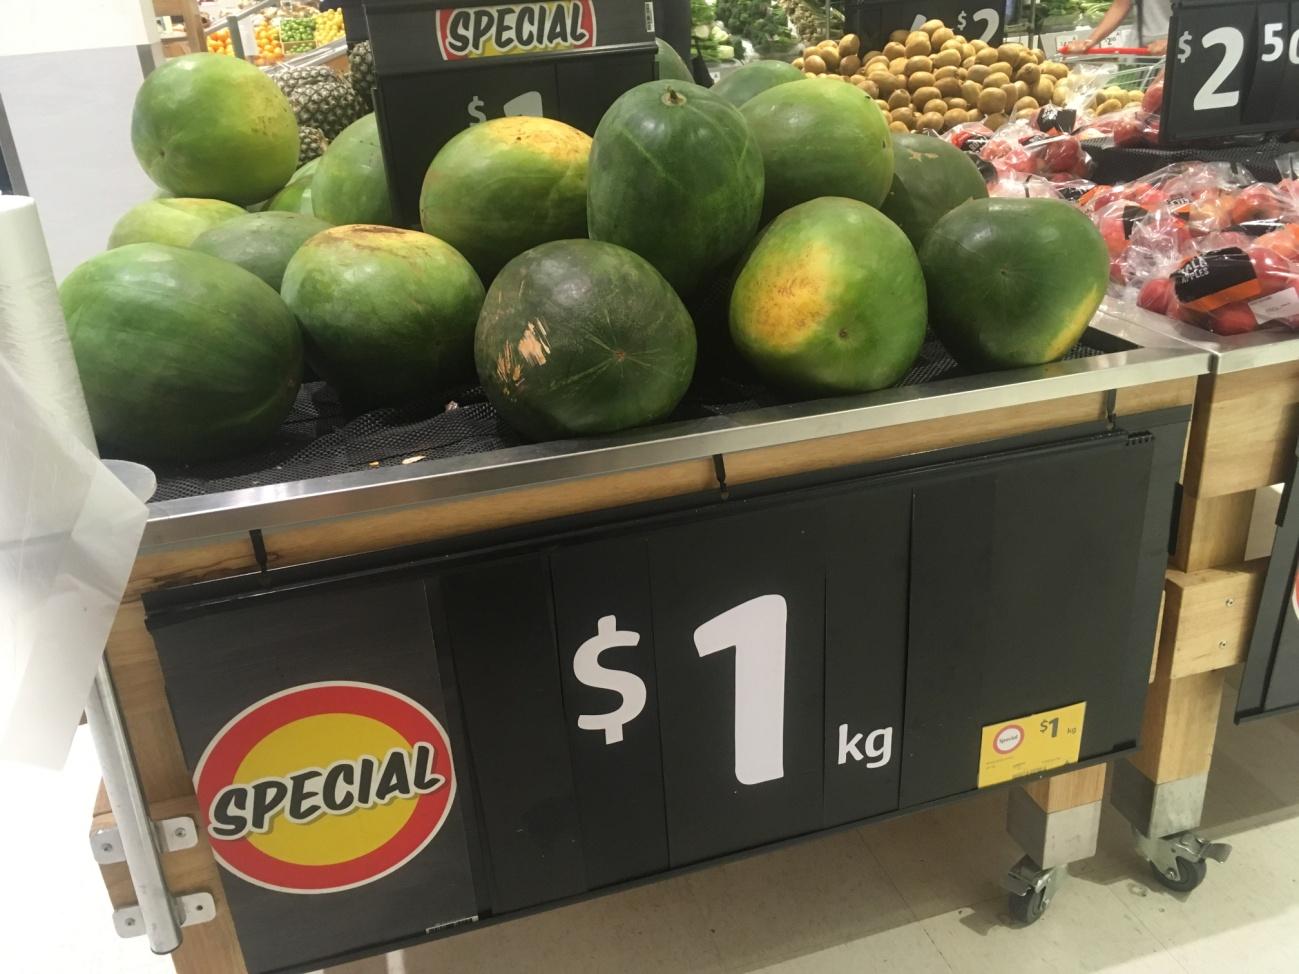 オーストラリアのスーパーマーケット事情。カンガルー肉も買える